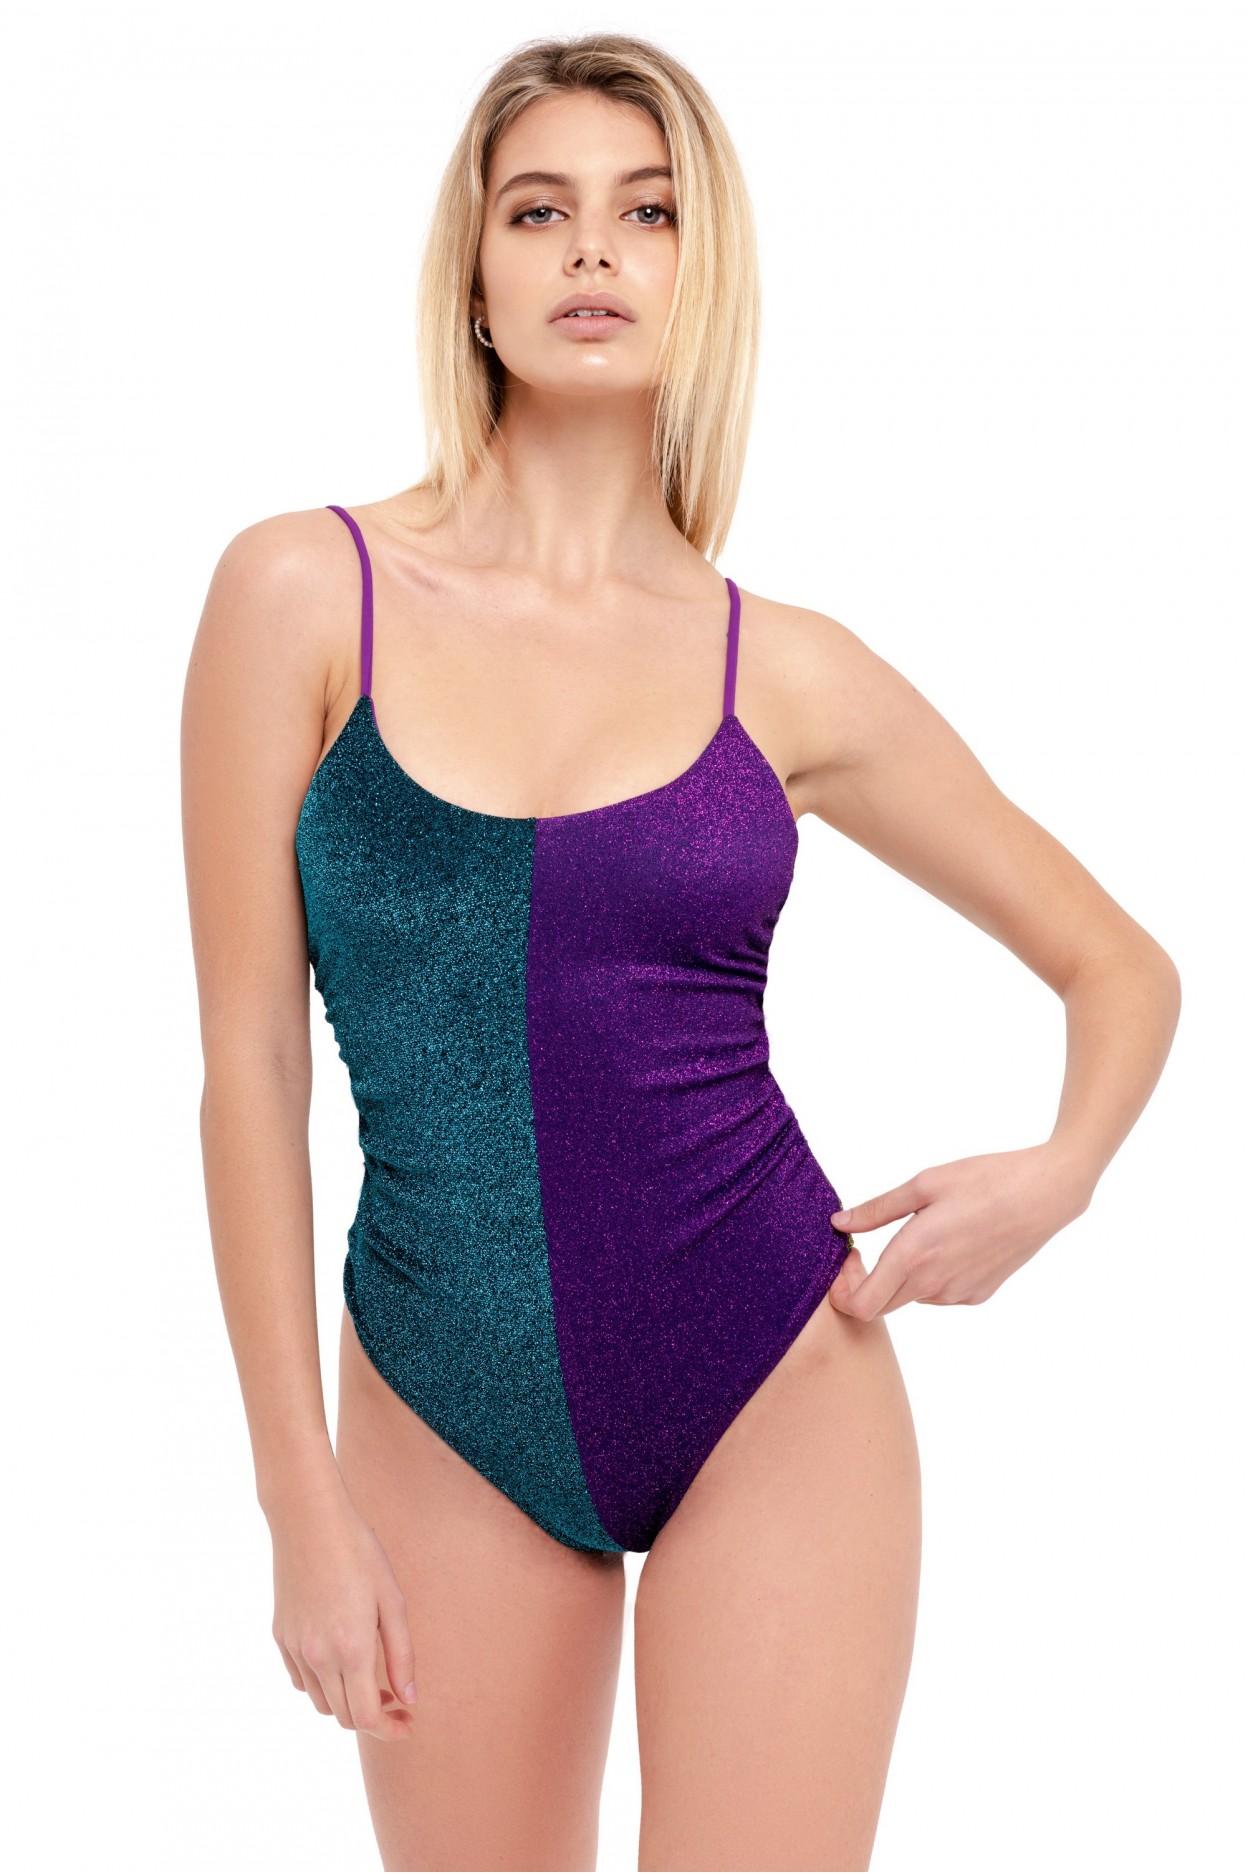 dalim costume intero donna body glitter azzurro/viola/verde